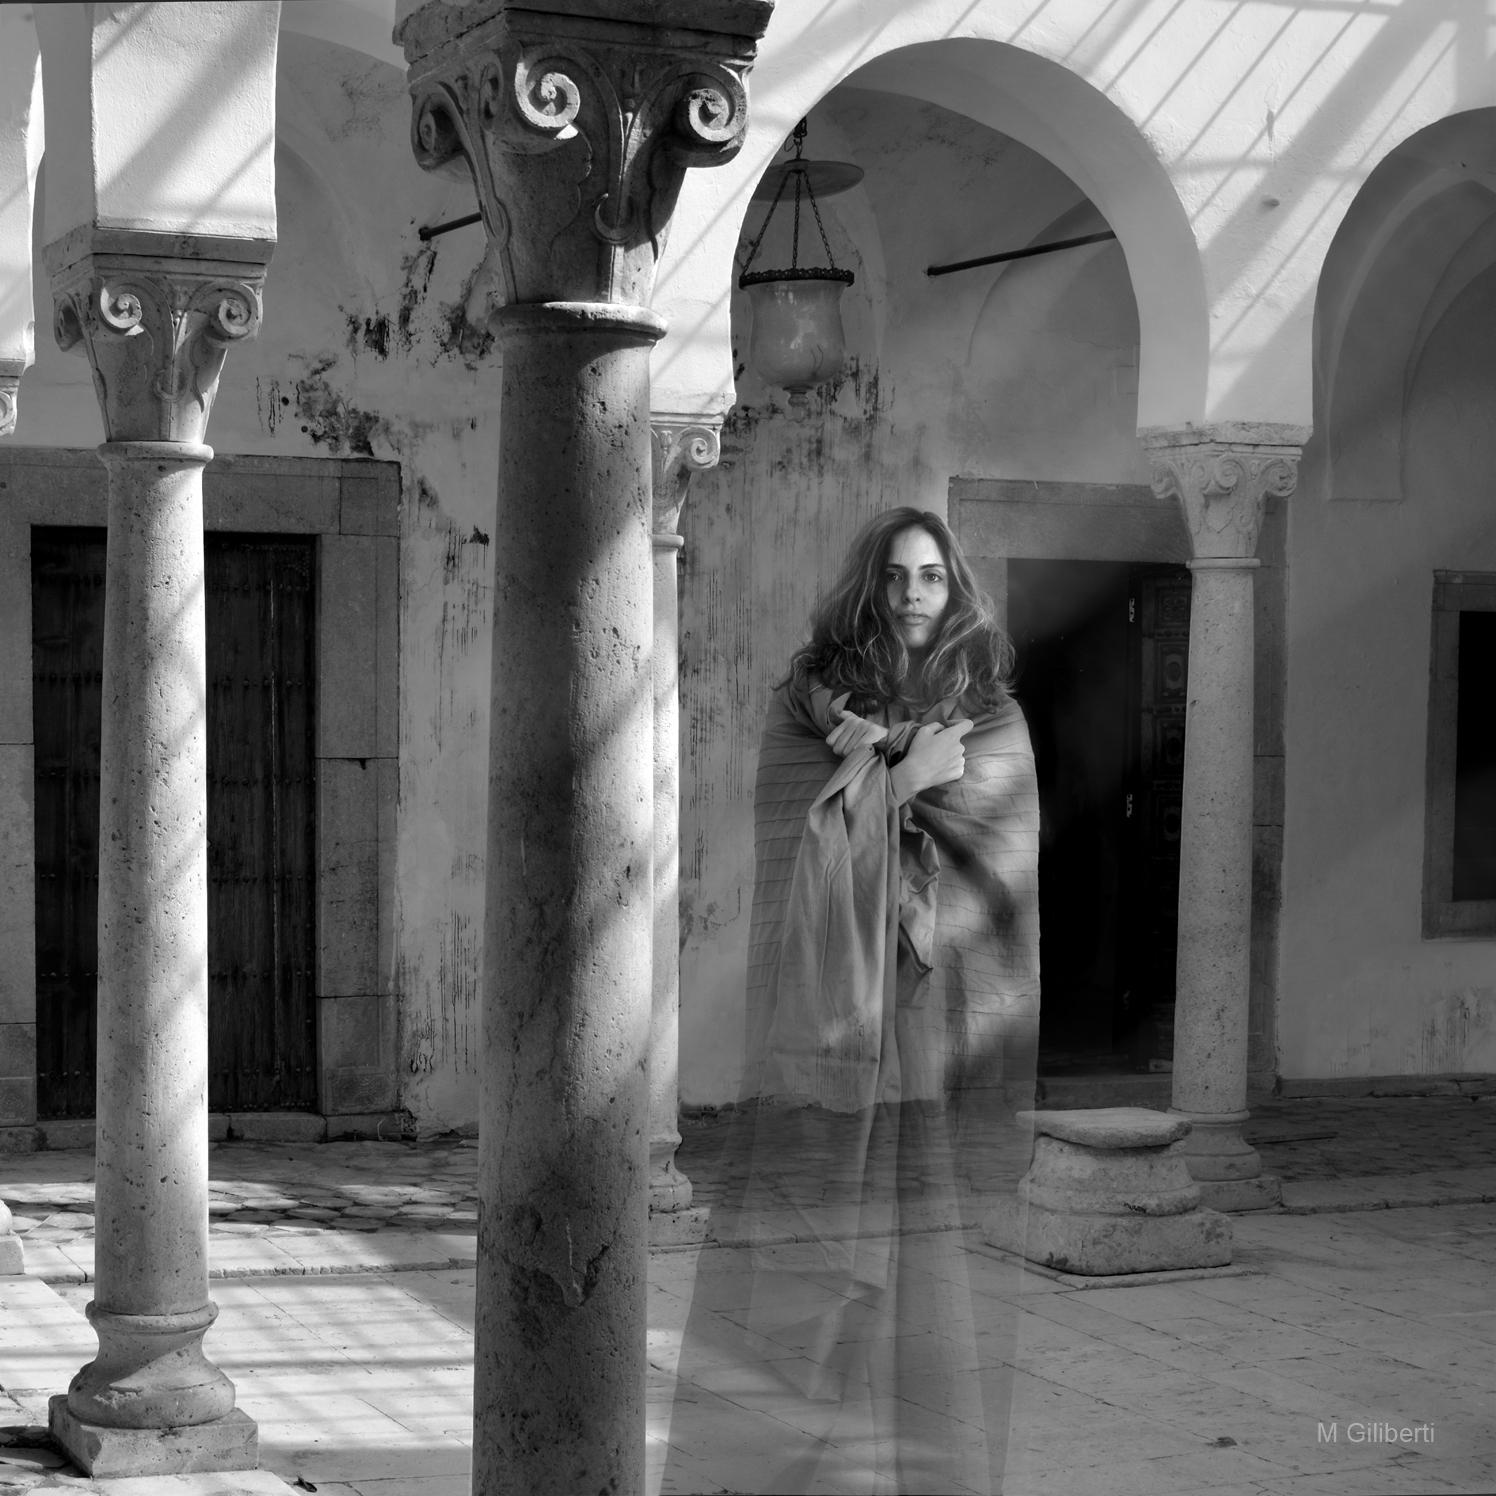 Aïcha / Sidi Bou Saïd